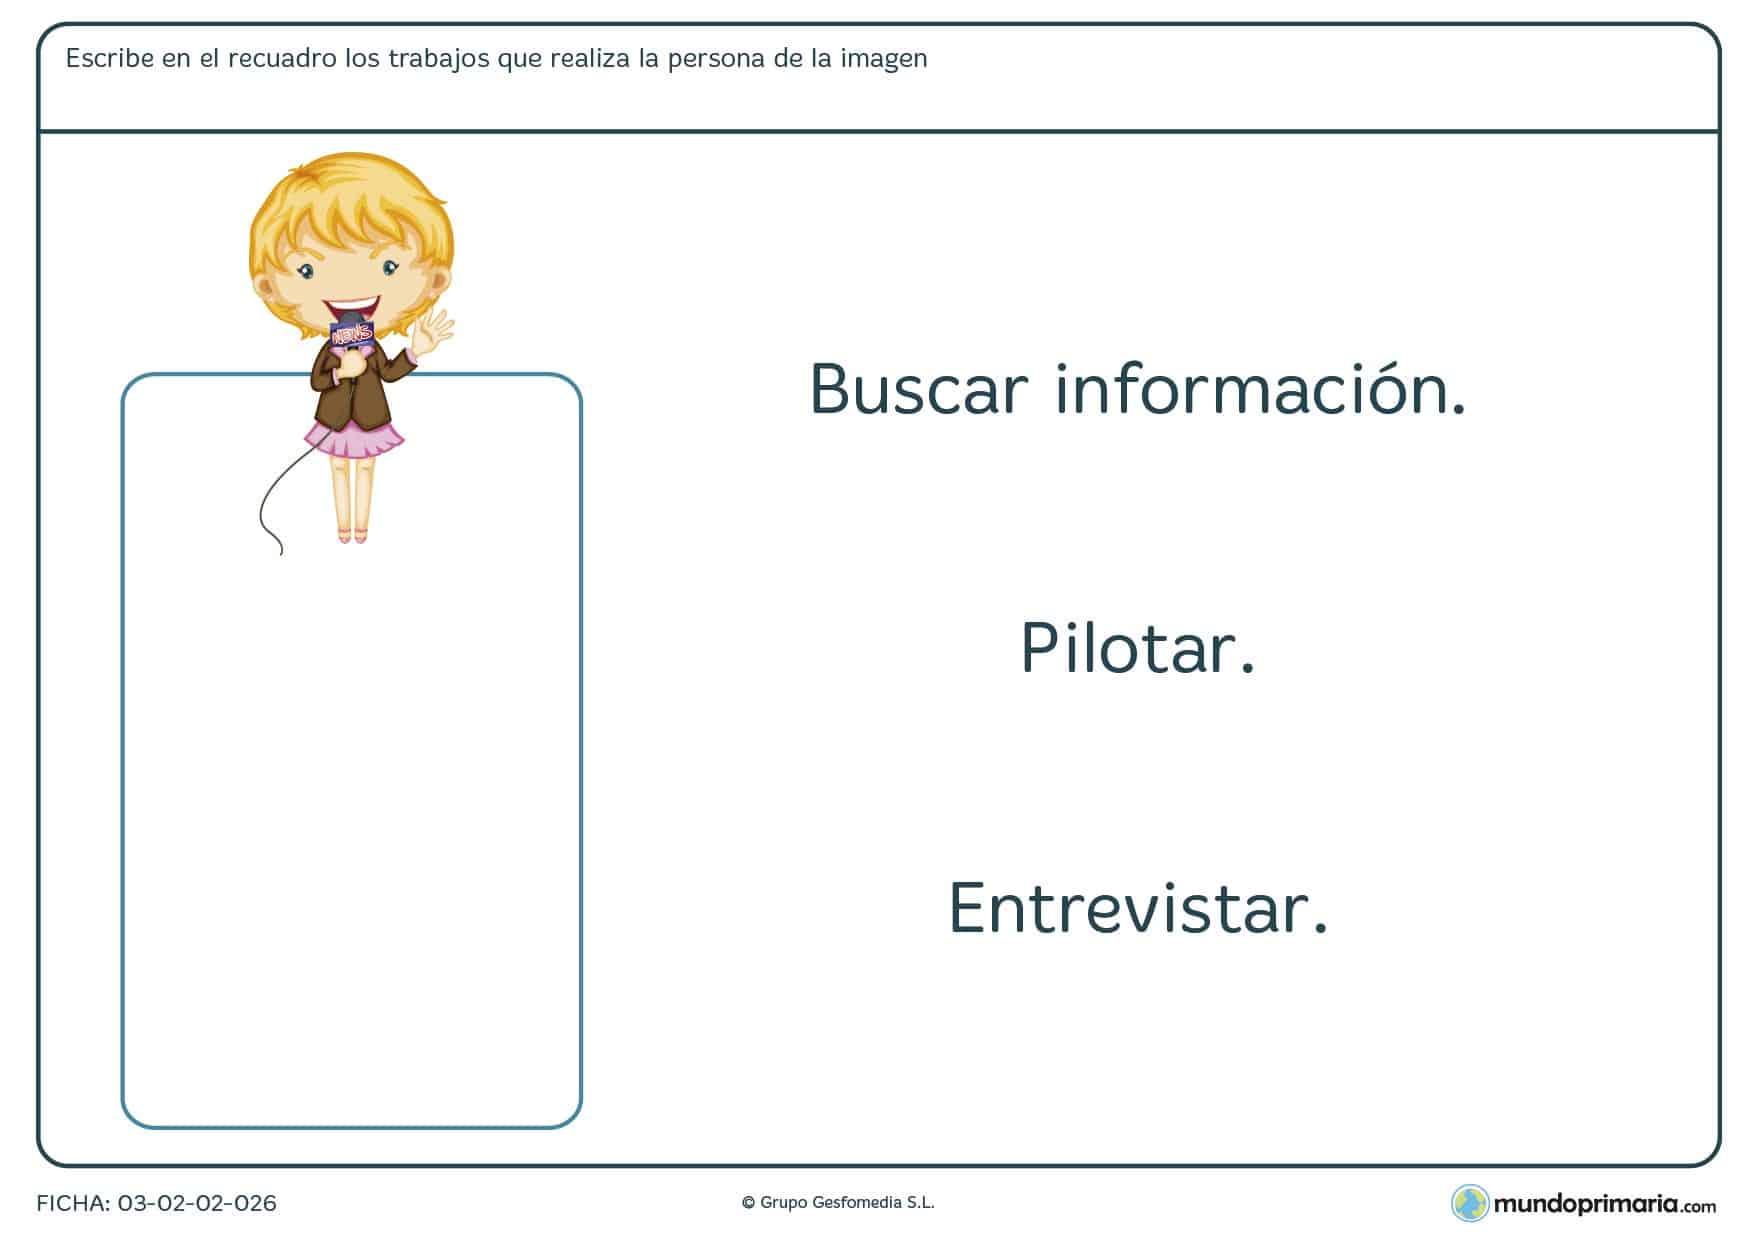 Ficha de trabajos y funciones para aprender las profesiones y sus tareas para ampliar vocabulario en 1º de Primaria.